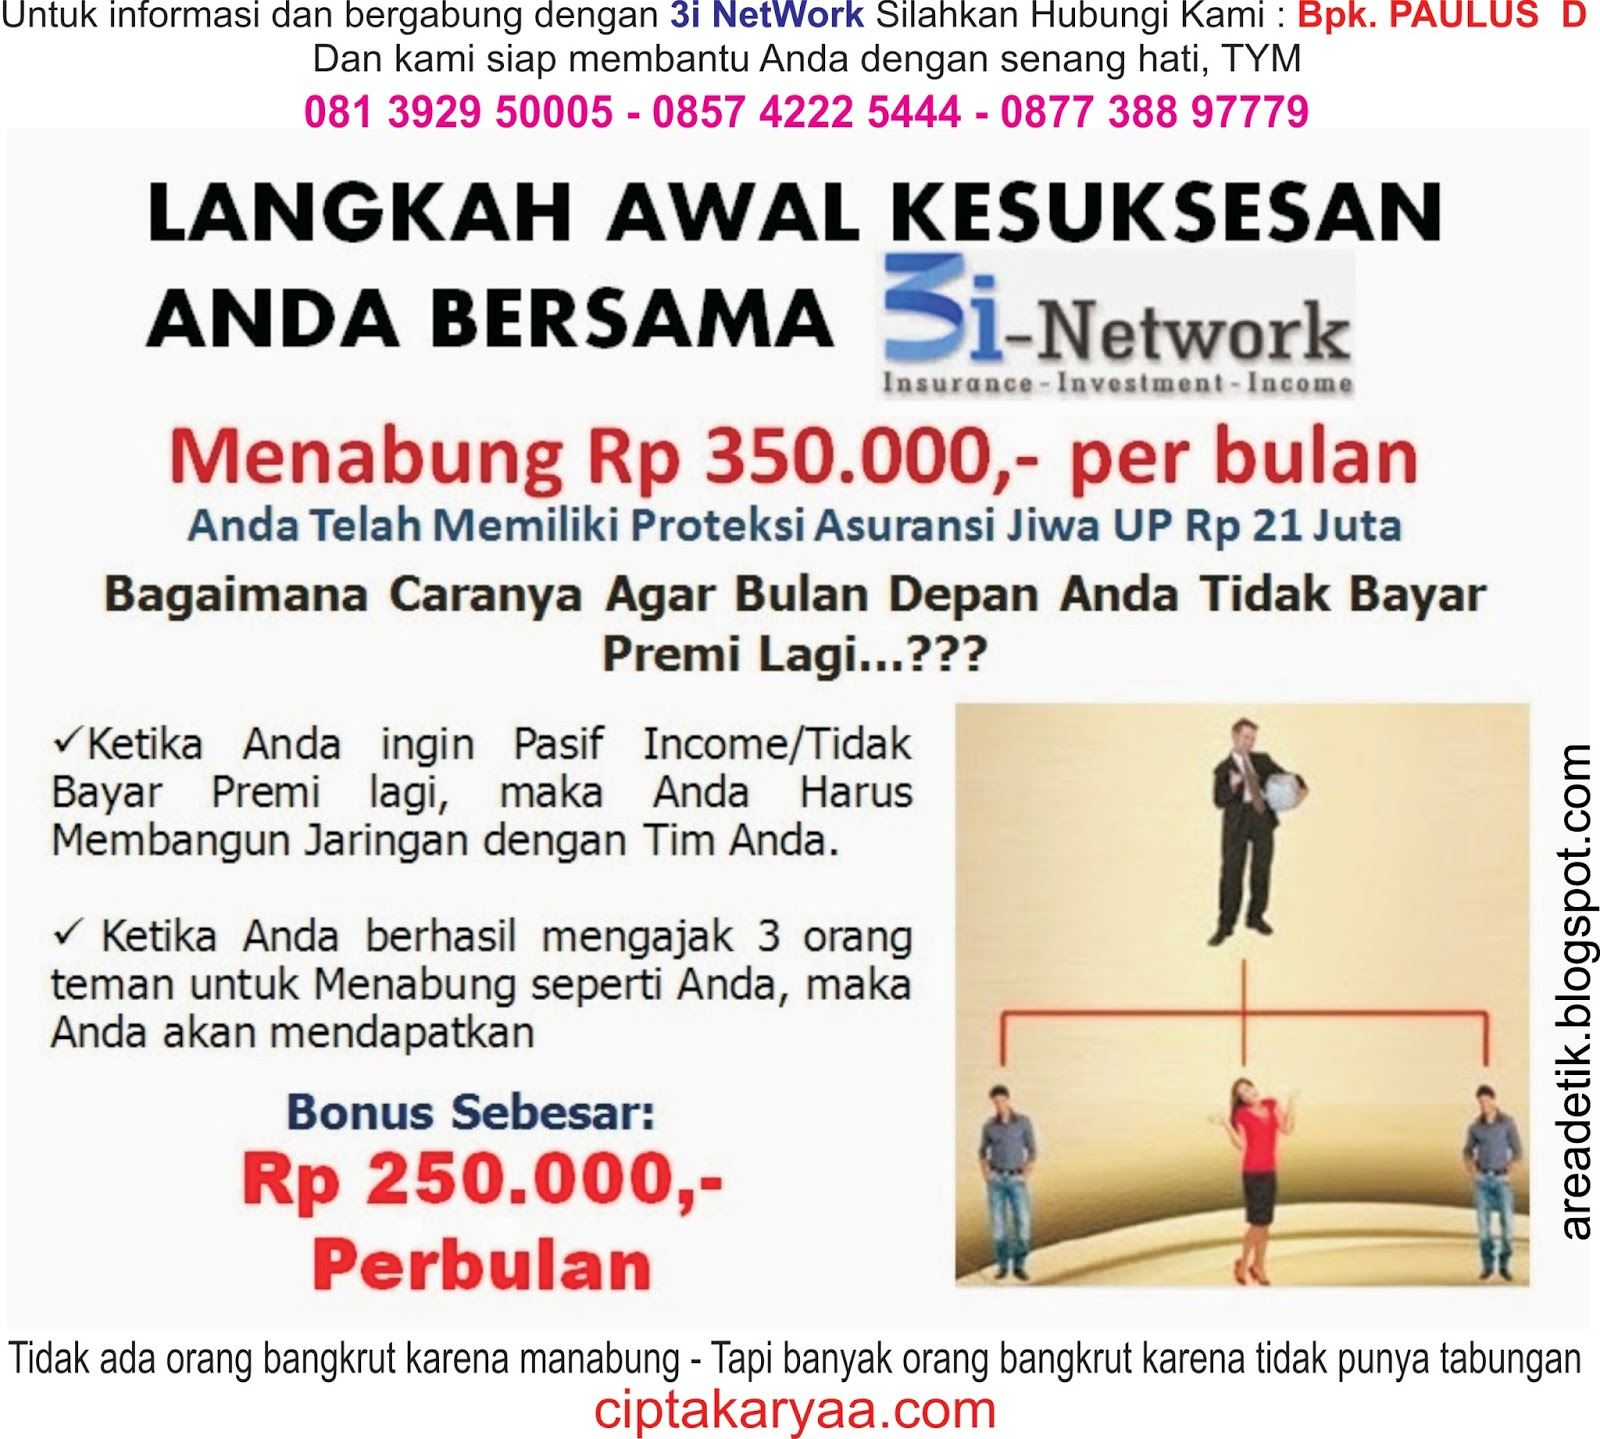 Toko Baja Ringan Di Depok Peluang Sukses Utk : Guru, Dosen, Karyawan, Ojek, Sopir ...